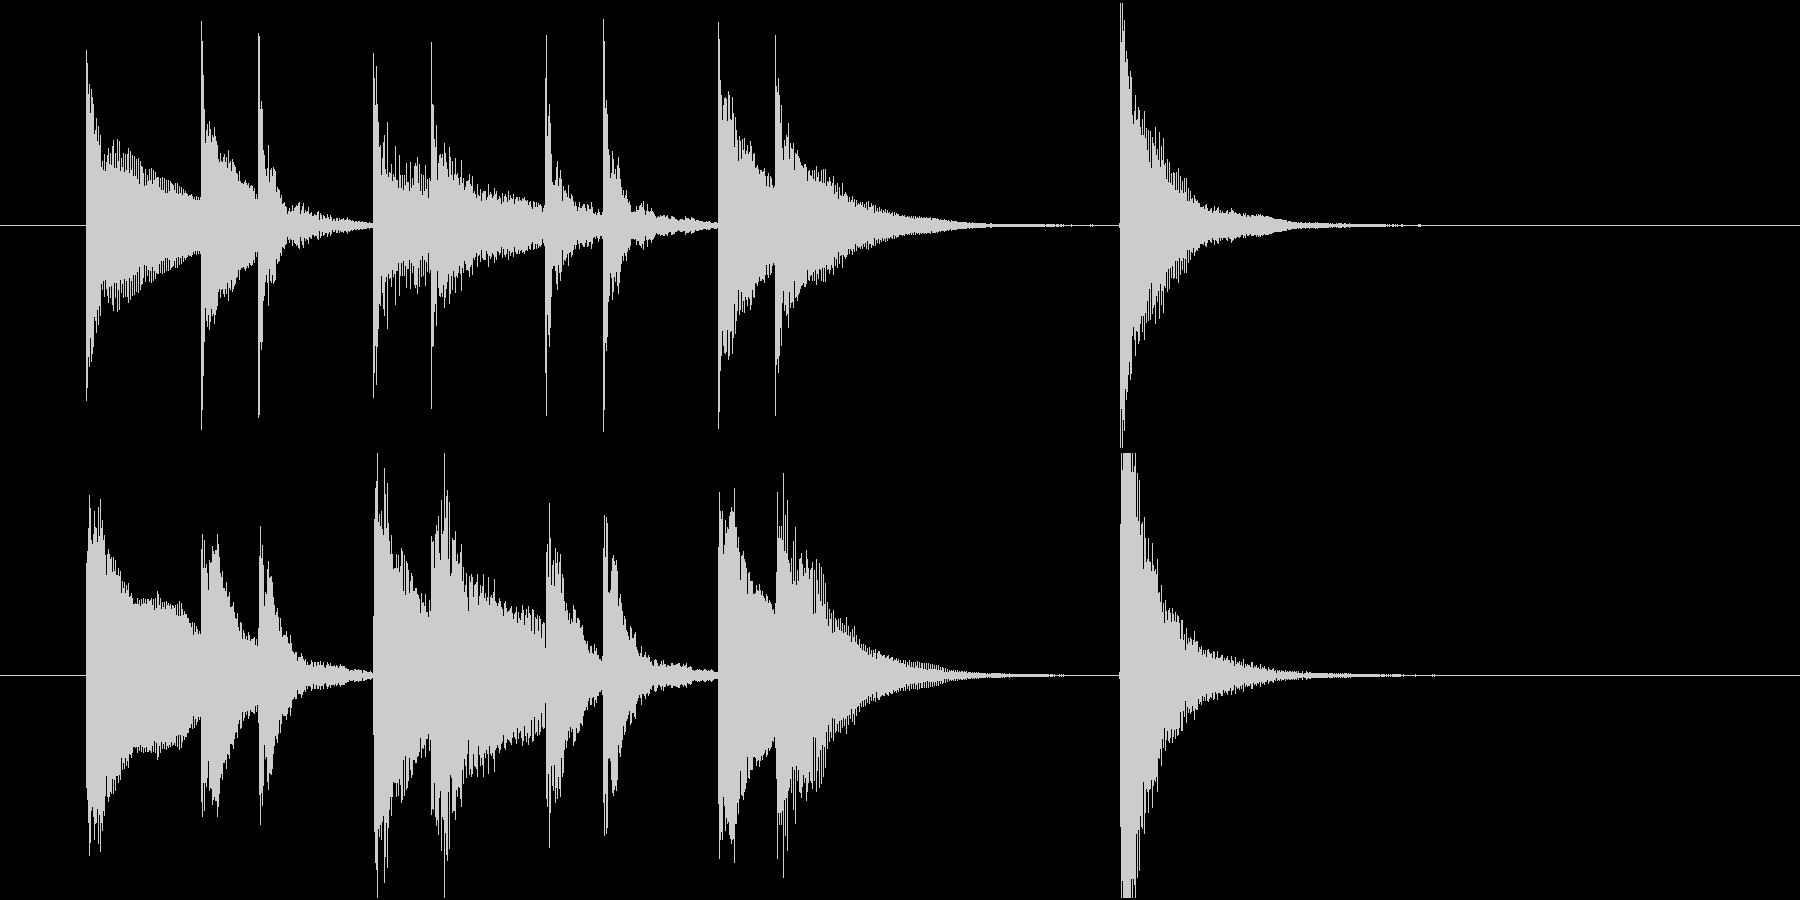 ピアノのかわいいジングルの未再生の波形